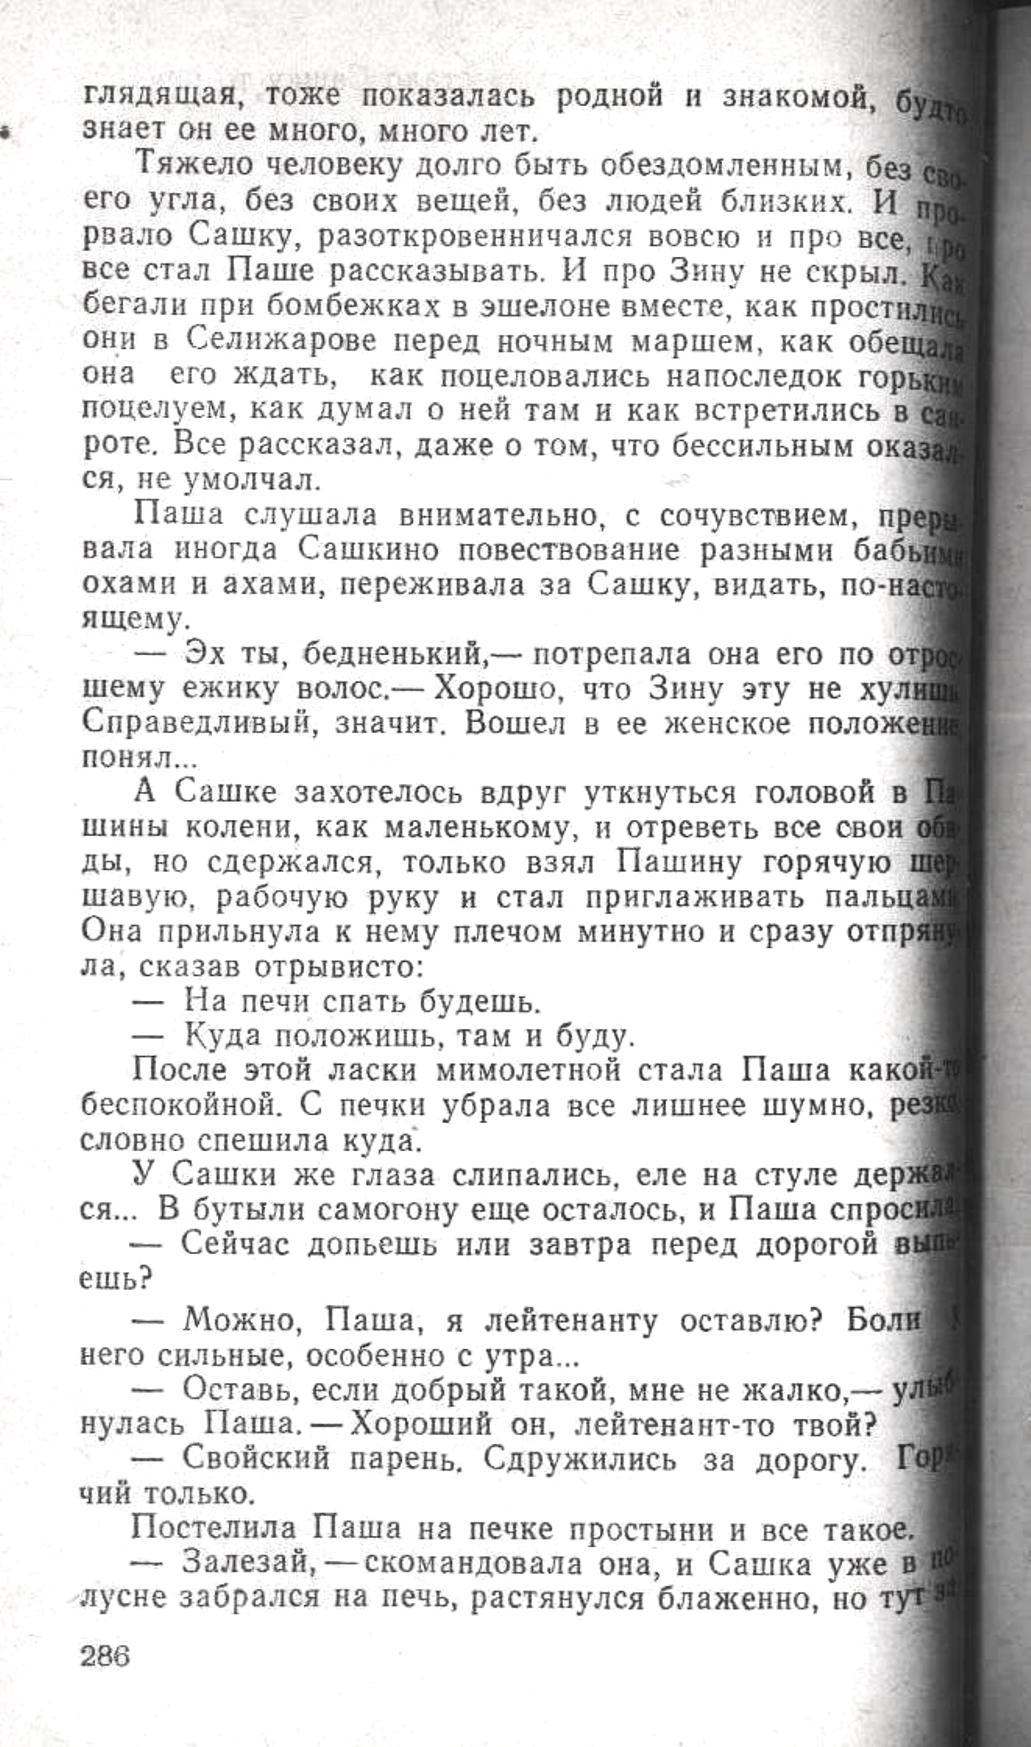 Сашка. Повесть. Вячеслав Кондратьев. 017. 001